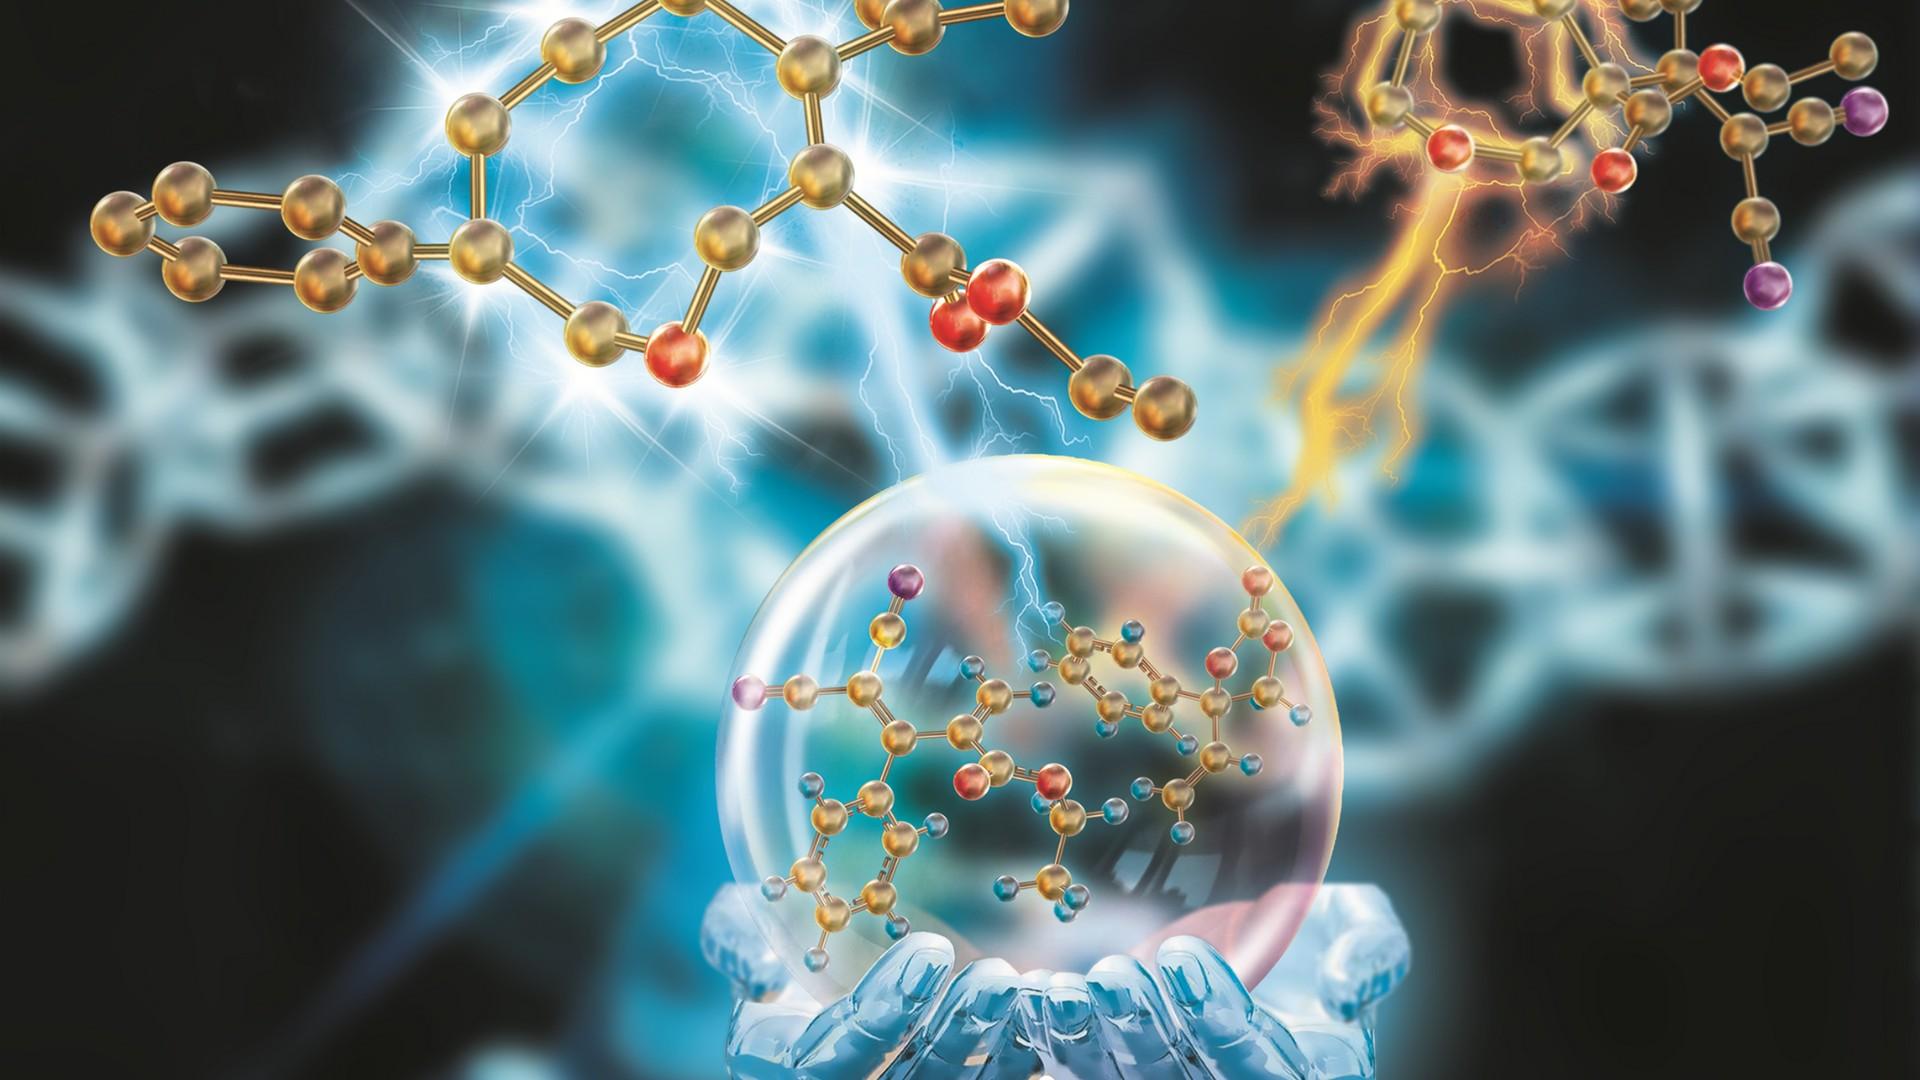 New GESDA 'radar' identifies 216 emerging global science breakthroughs